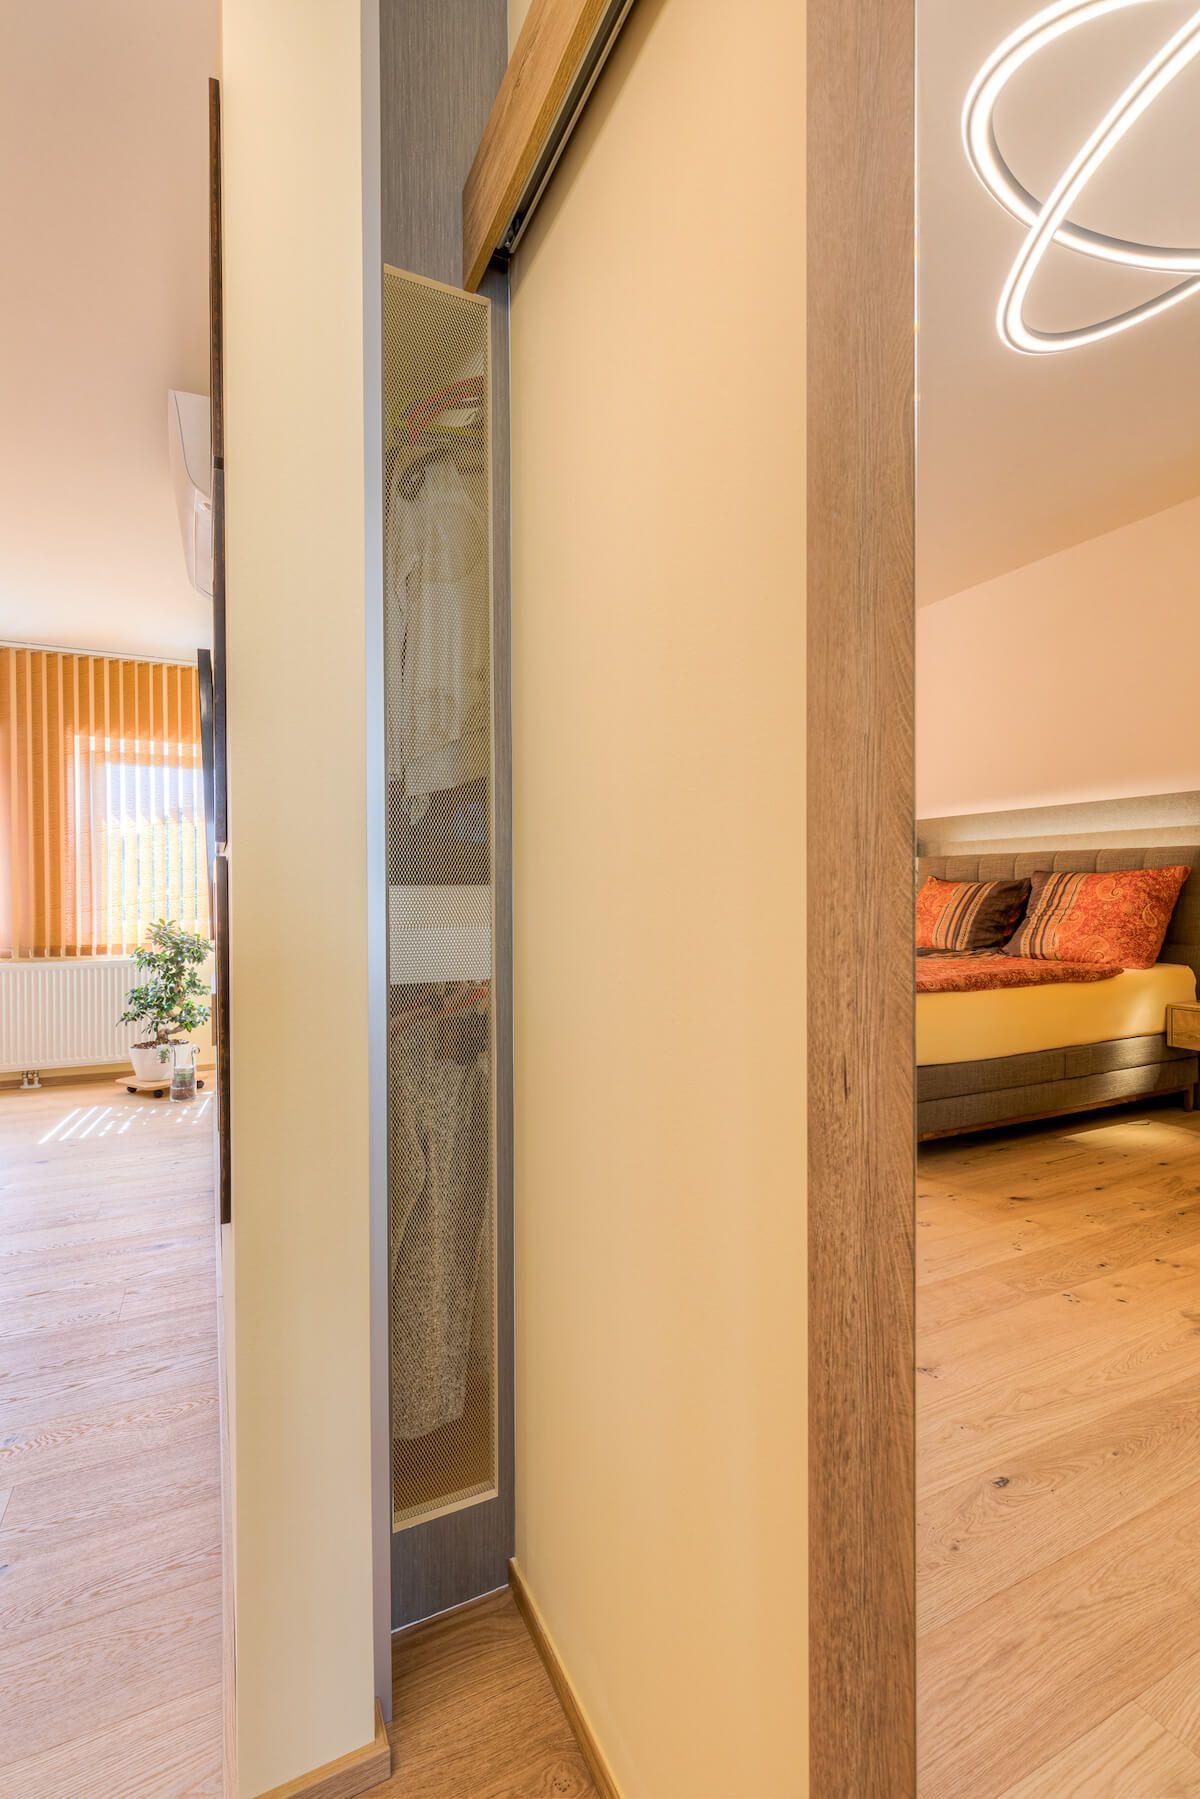 Steiner 06 21 72dpi 010 - Kreativer Dachgeschossausbau mit Hotelfeeling